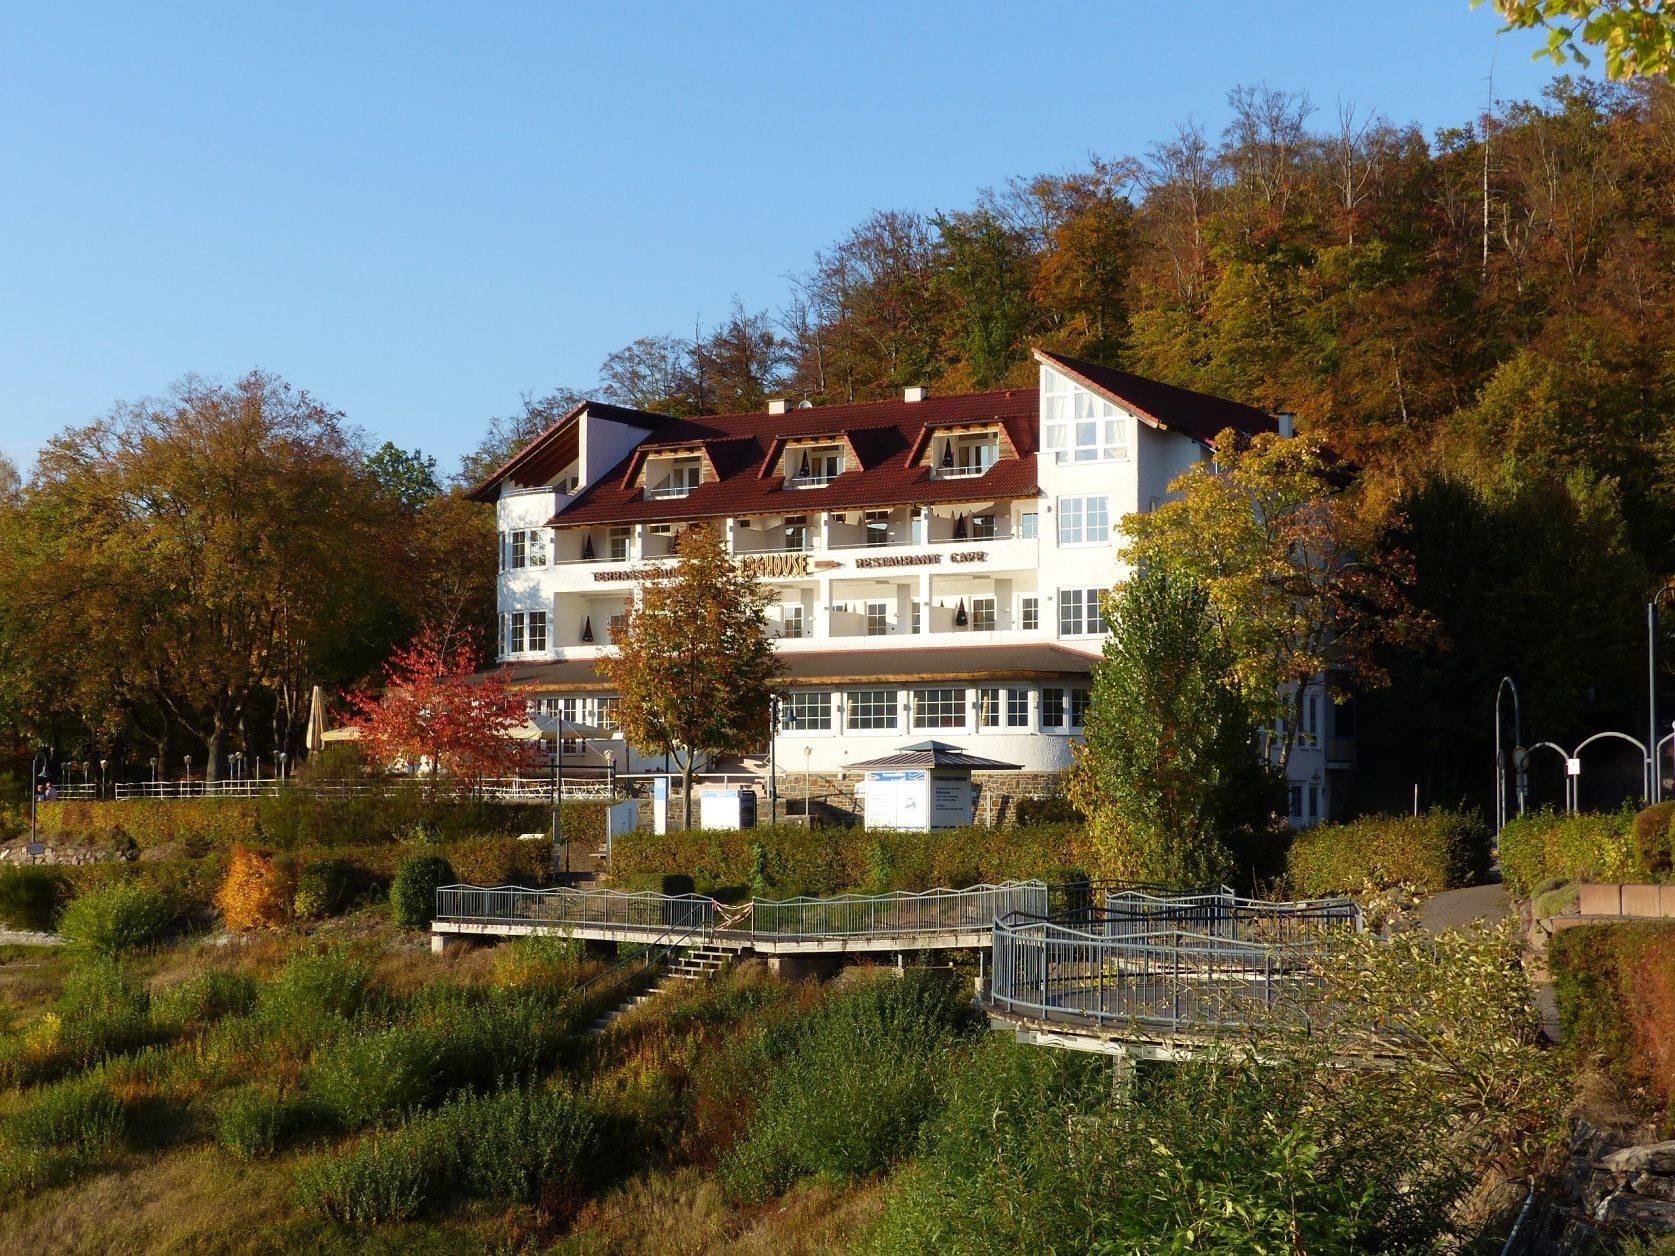 Jüngst versteigert wurde das Terrassenhotel am Edersee, Foto. Weirauch